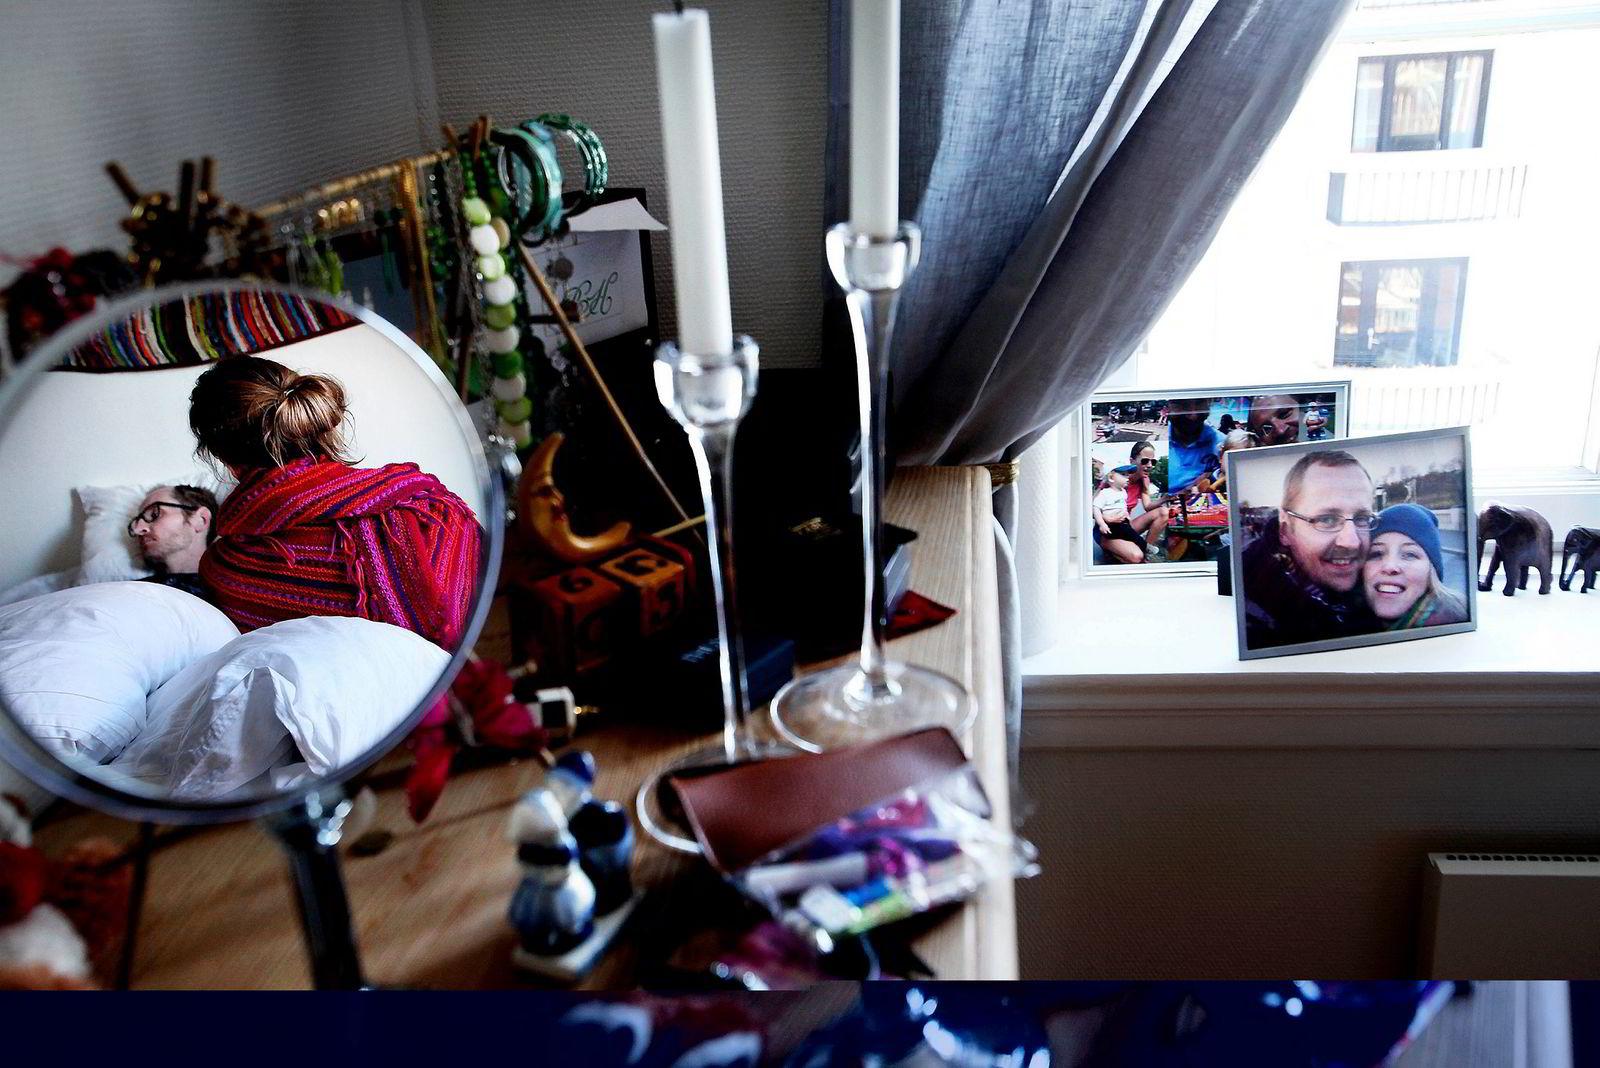 ÅRETS BILDE. Vinner av Årets bilde ble Aftenposten-frilanser Paal Audestad for bildet fra reportasjen